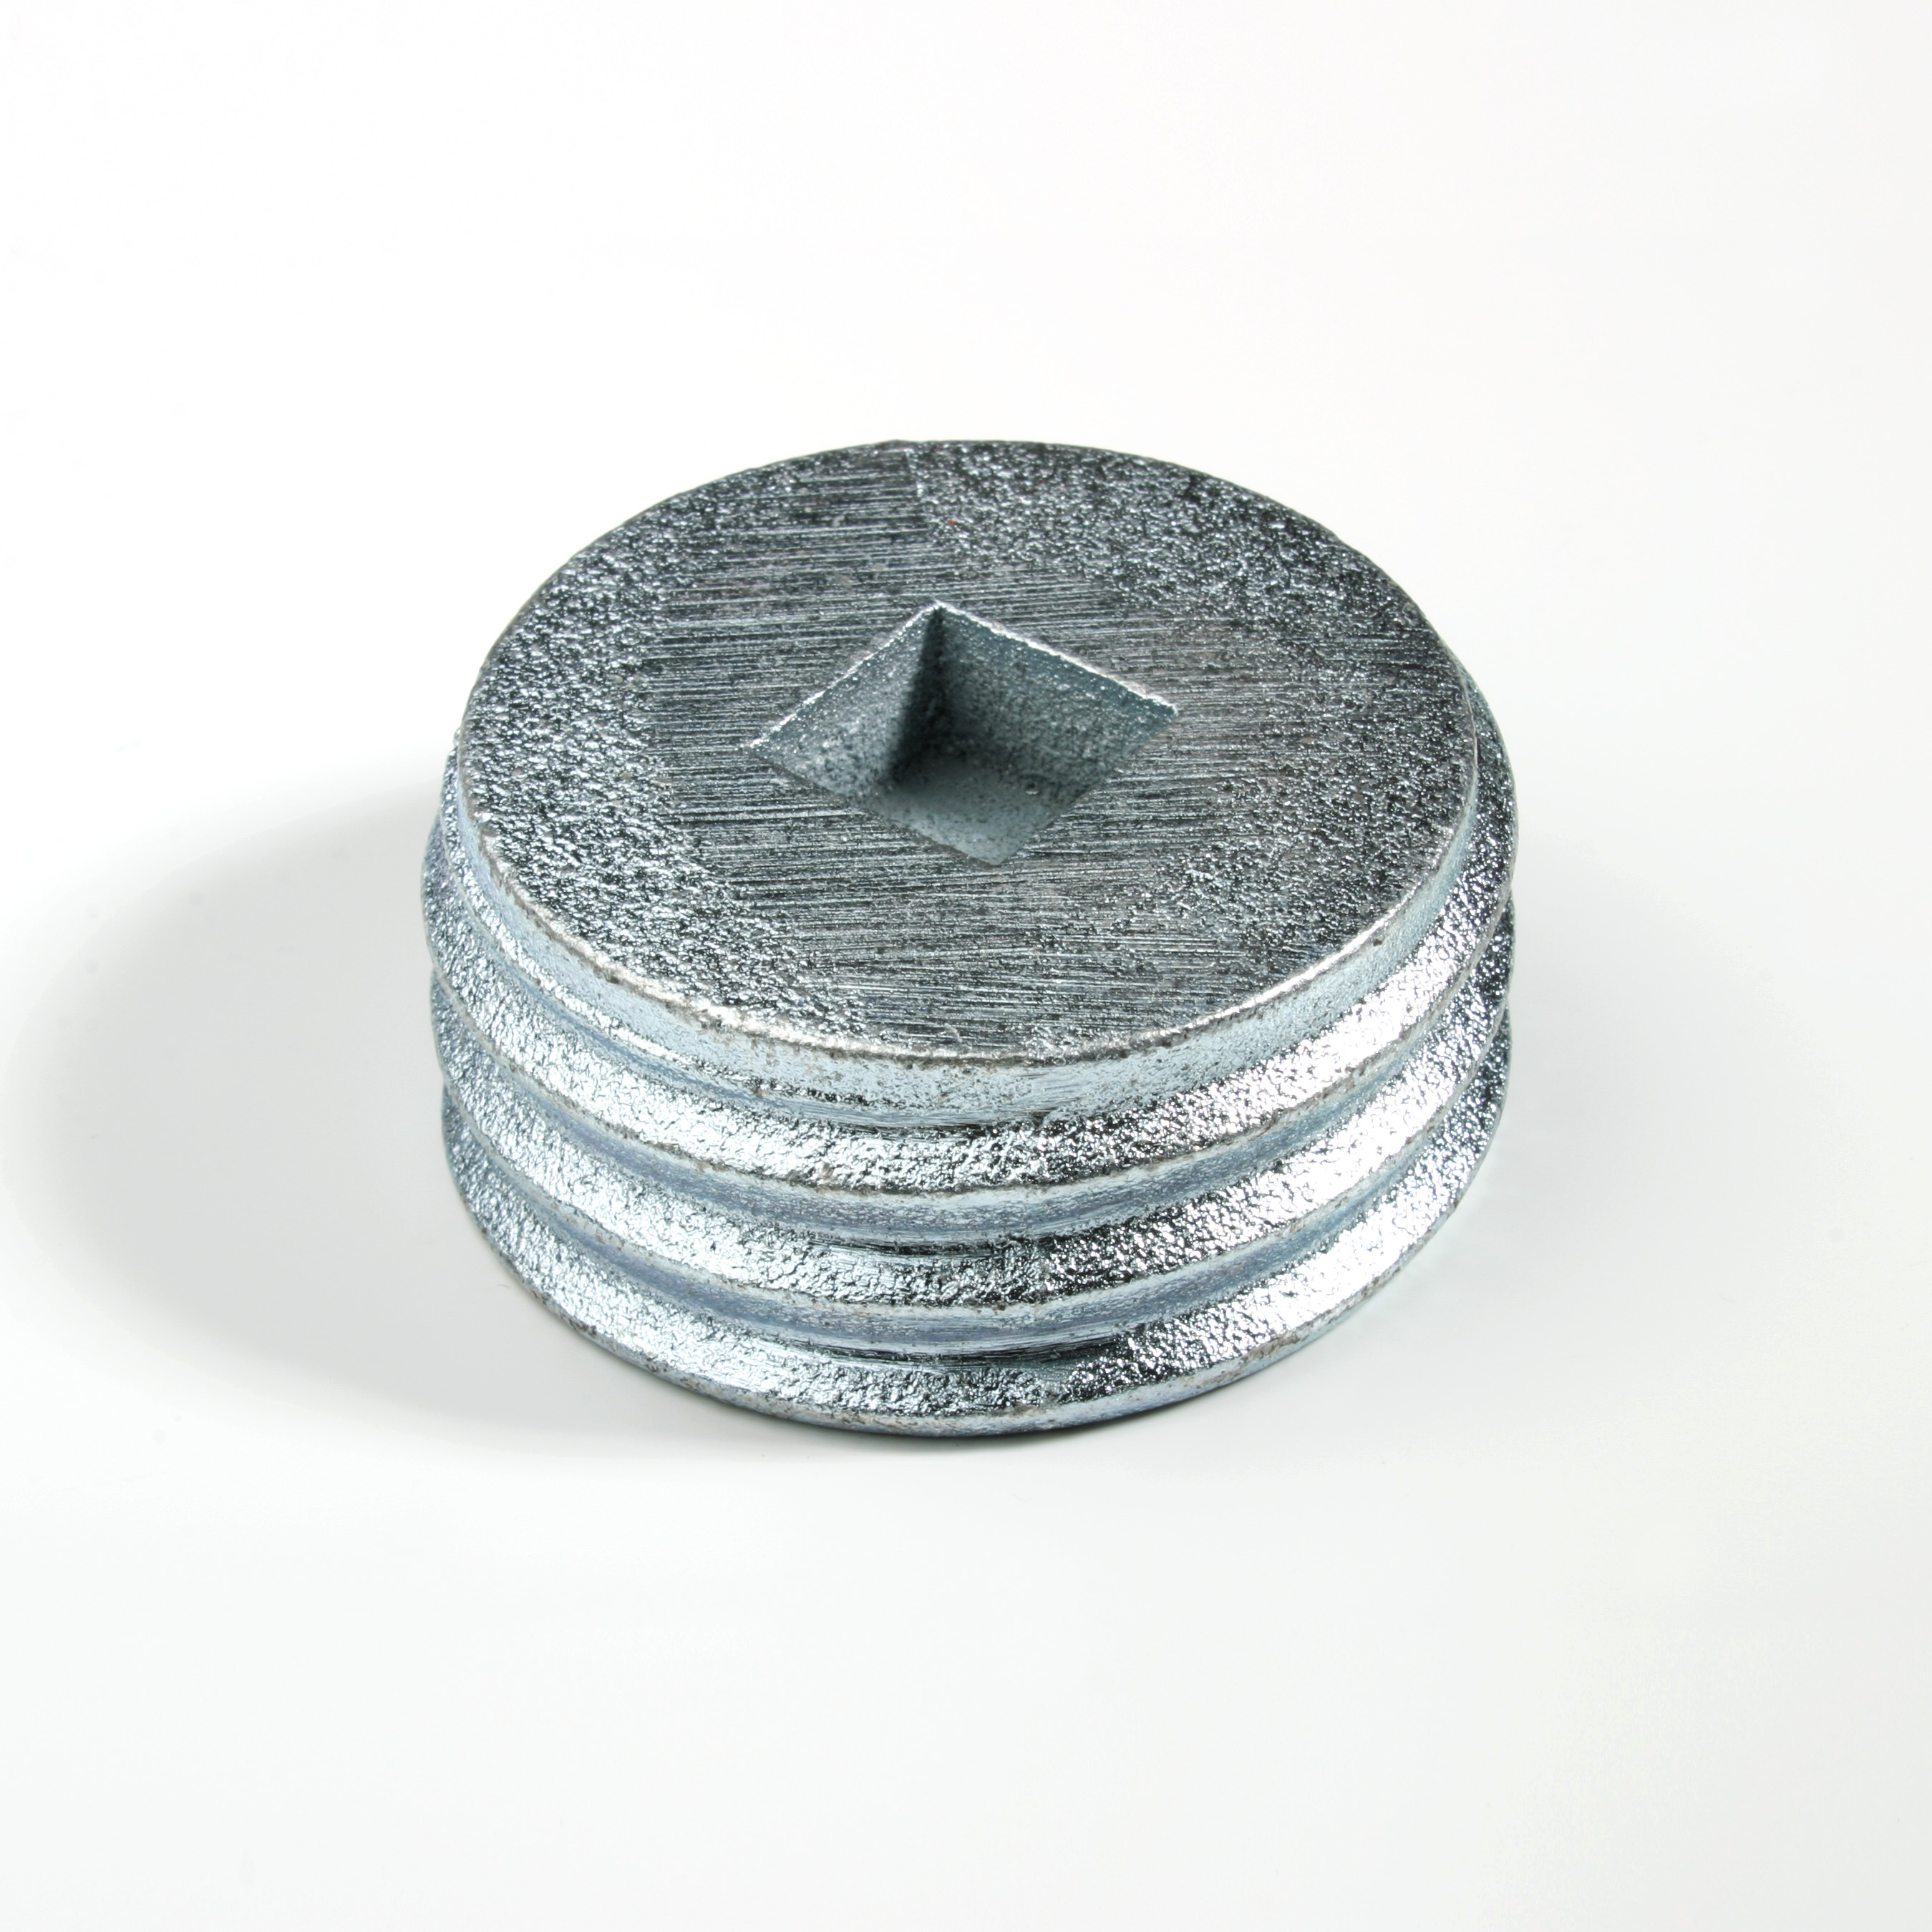 Verschlussdeckel d=60 mm, 99 95 07 Image